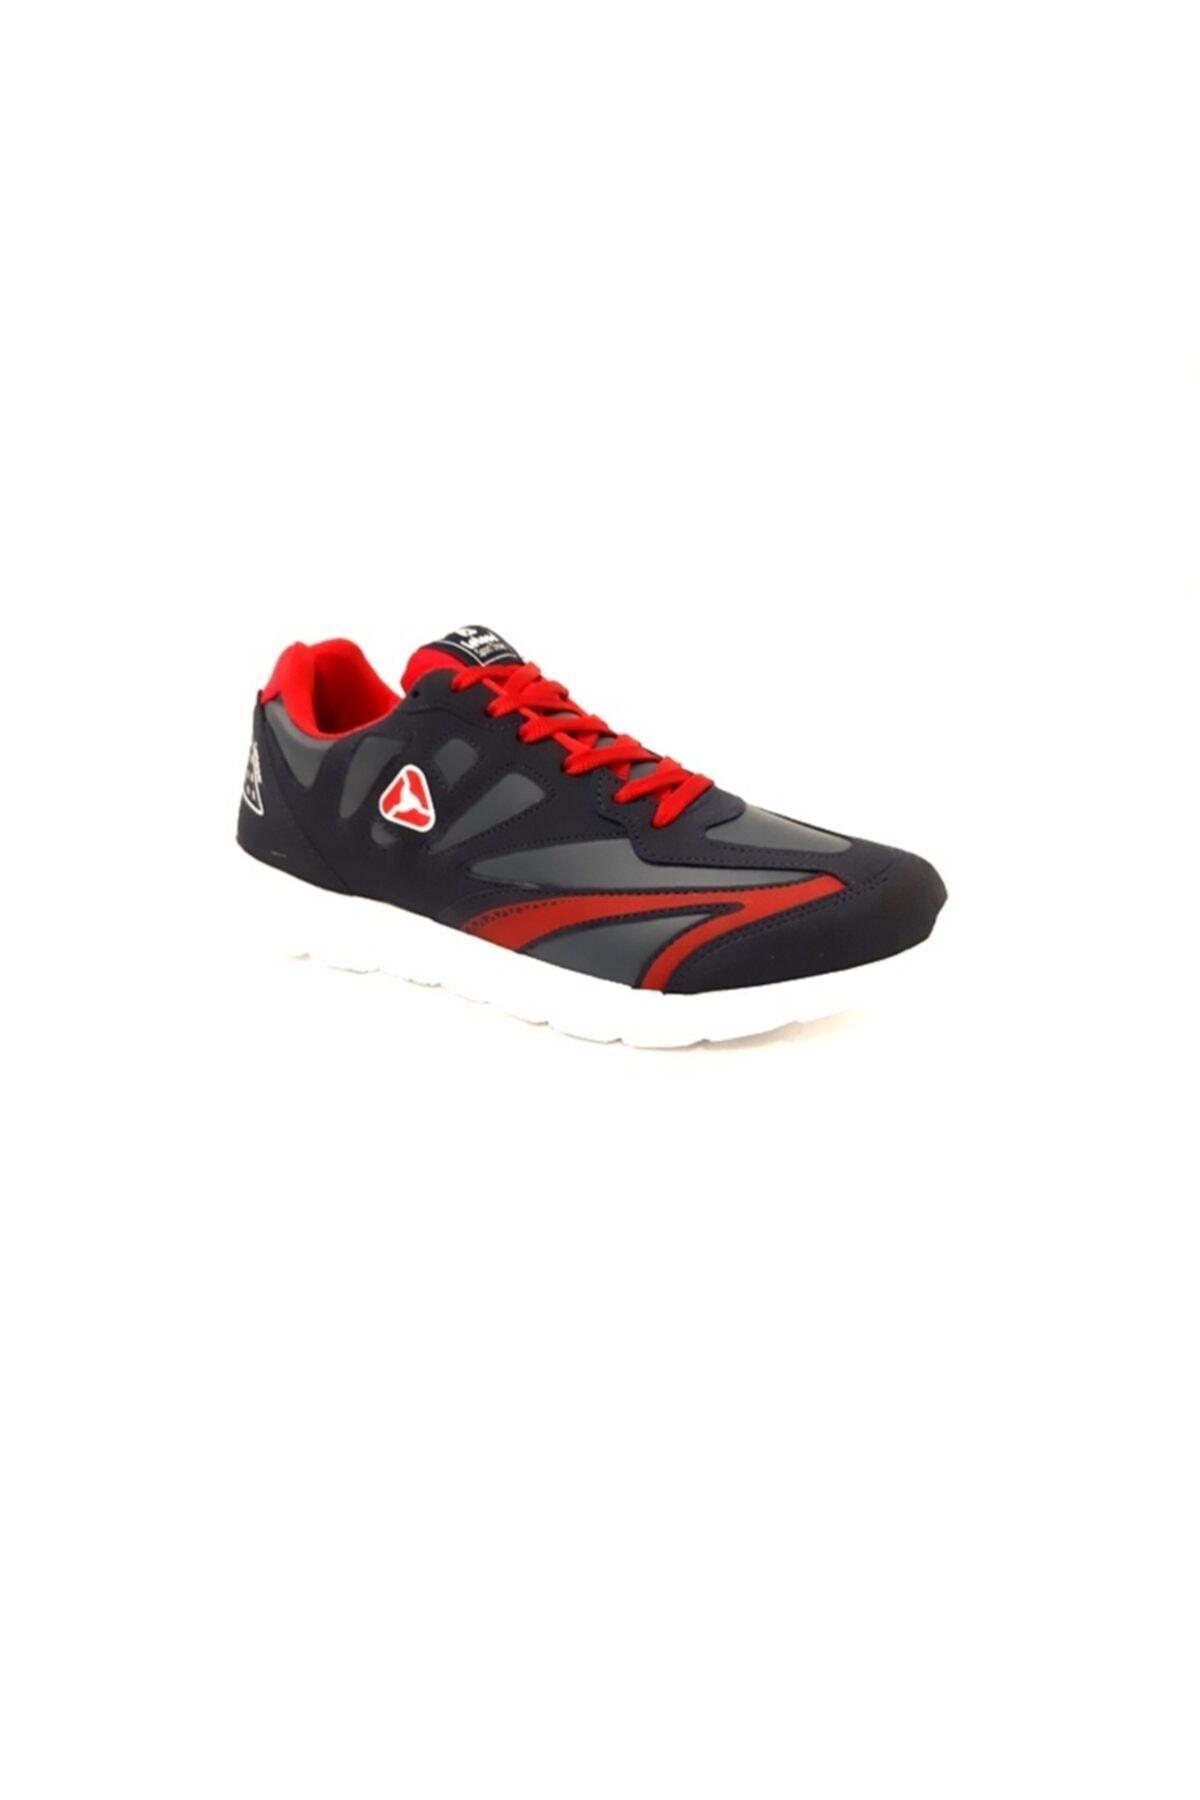 LETOON Ultra Hafif Comfort Erkek Spor Ayakkabı 2